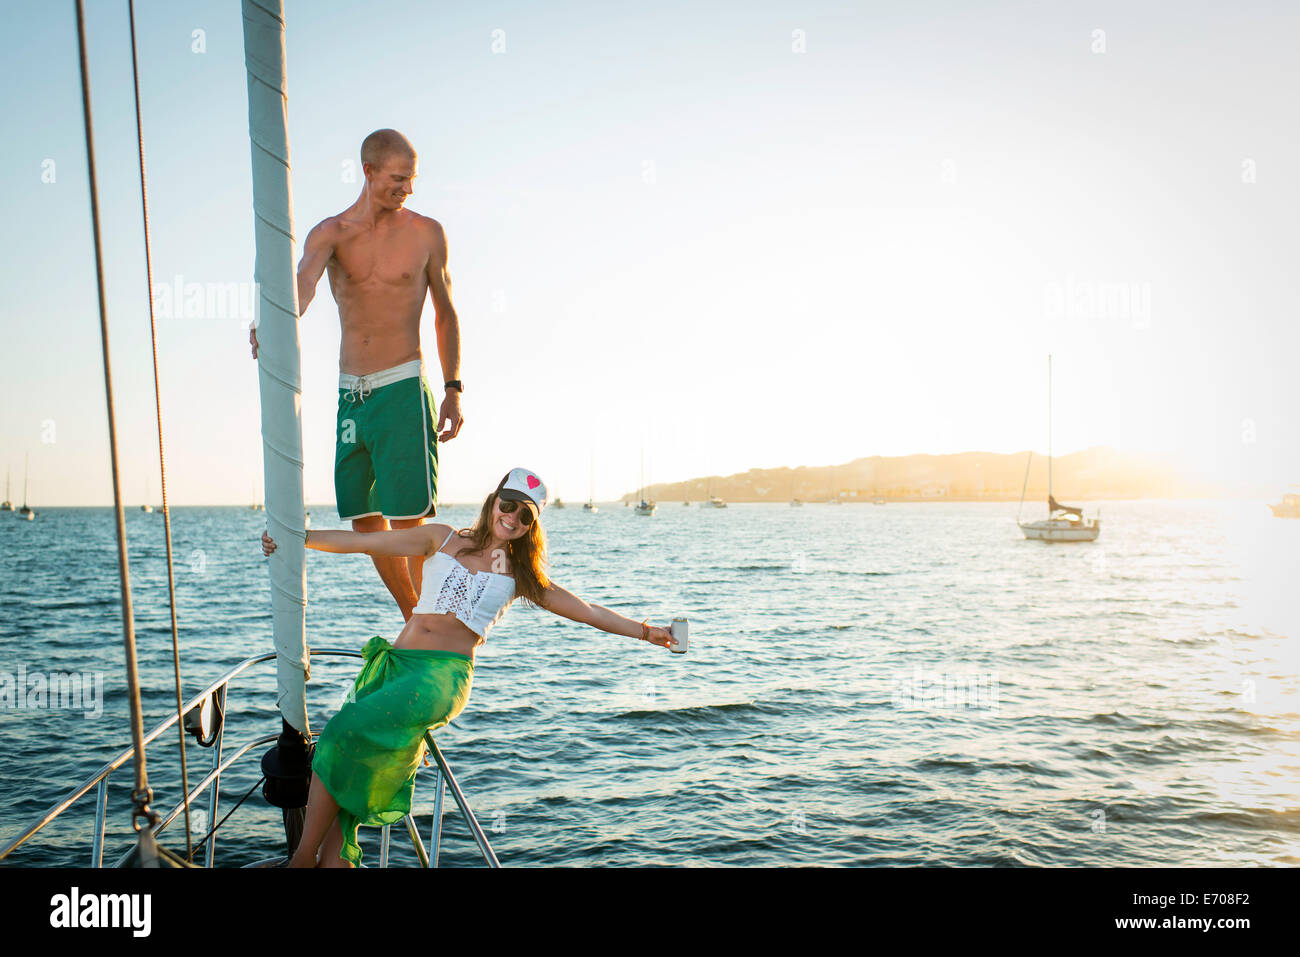 Giocoso metà adulto giovane sulla barca in mare Immagini Stock